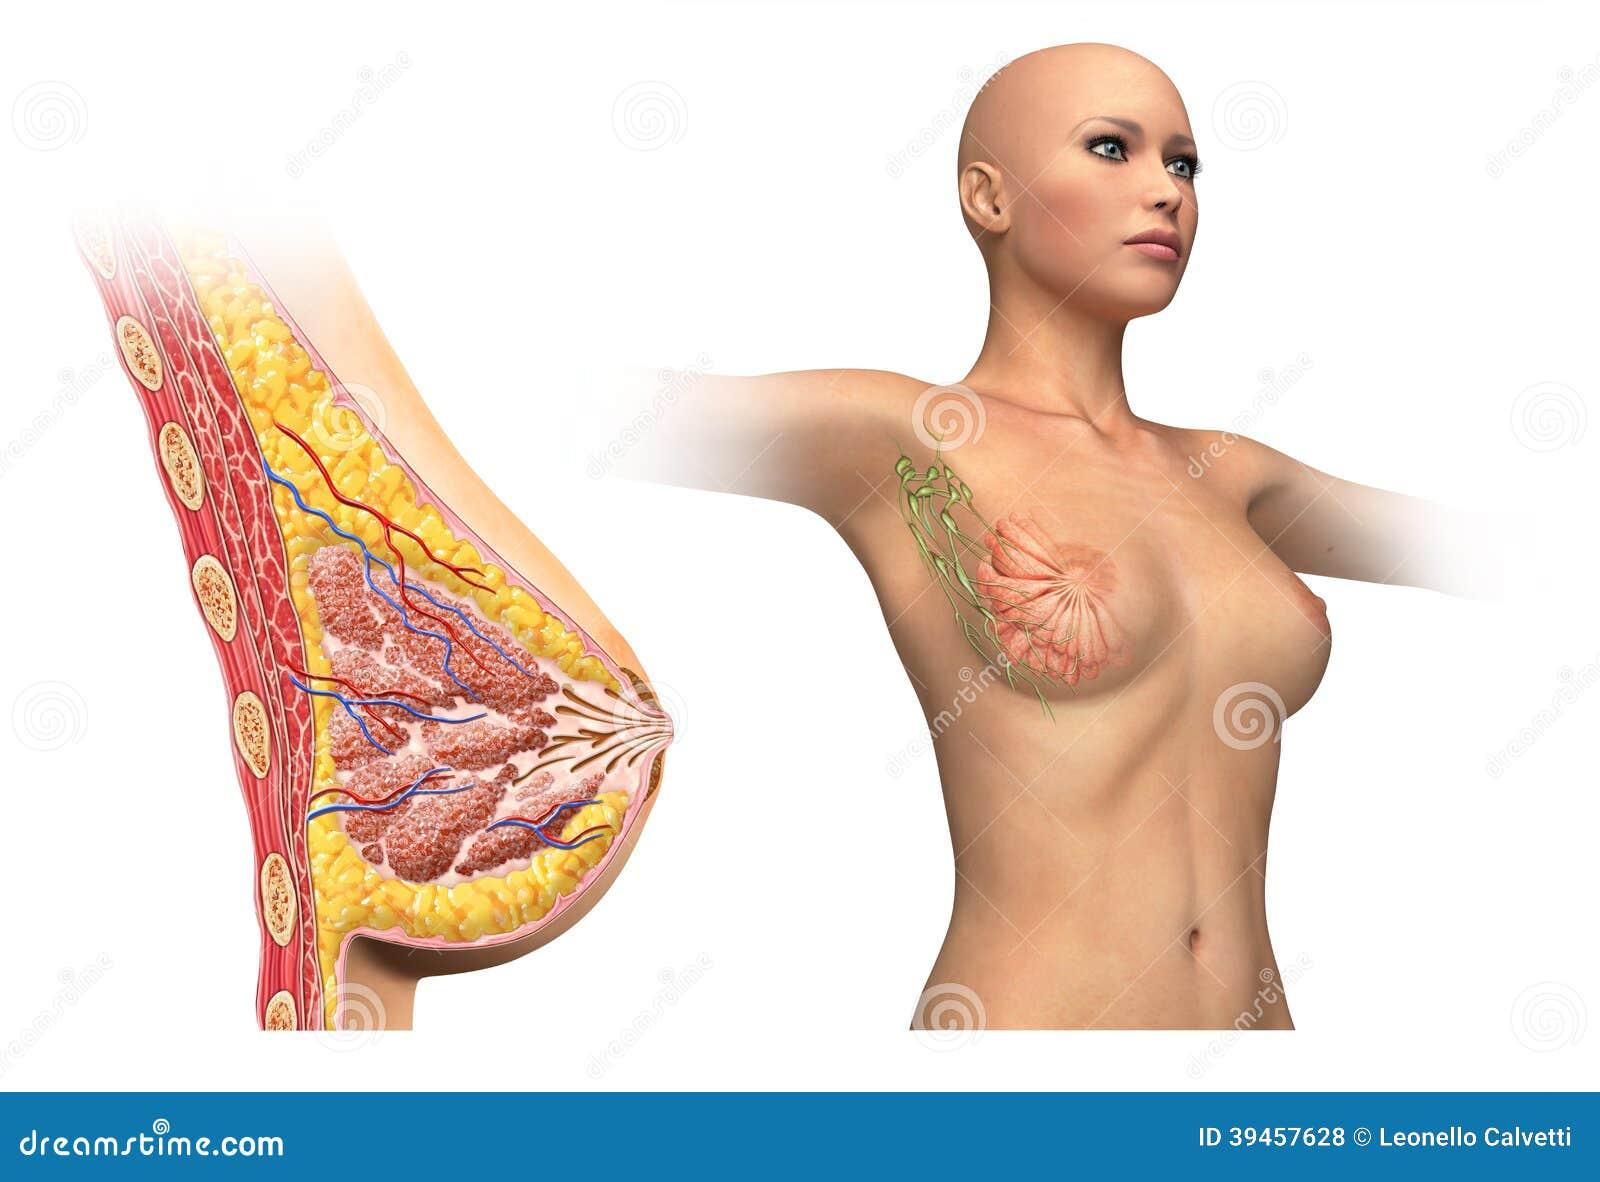 Diagrama Cortado Del Pecho De La Mujer. Stock de ilustración ...